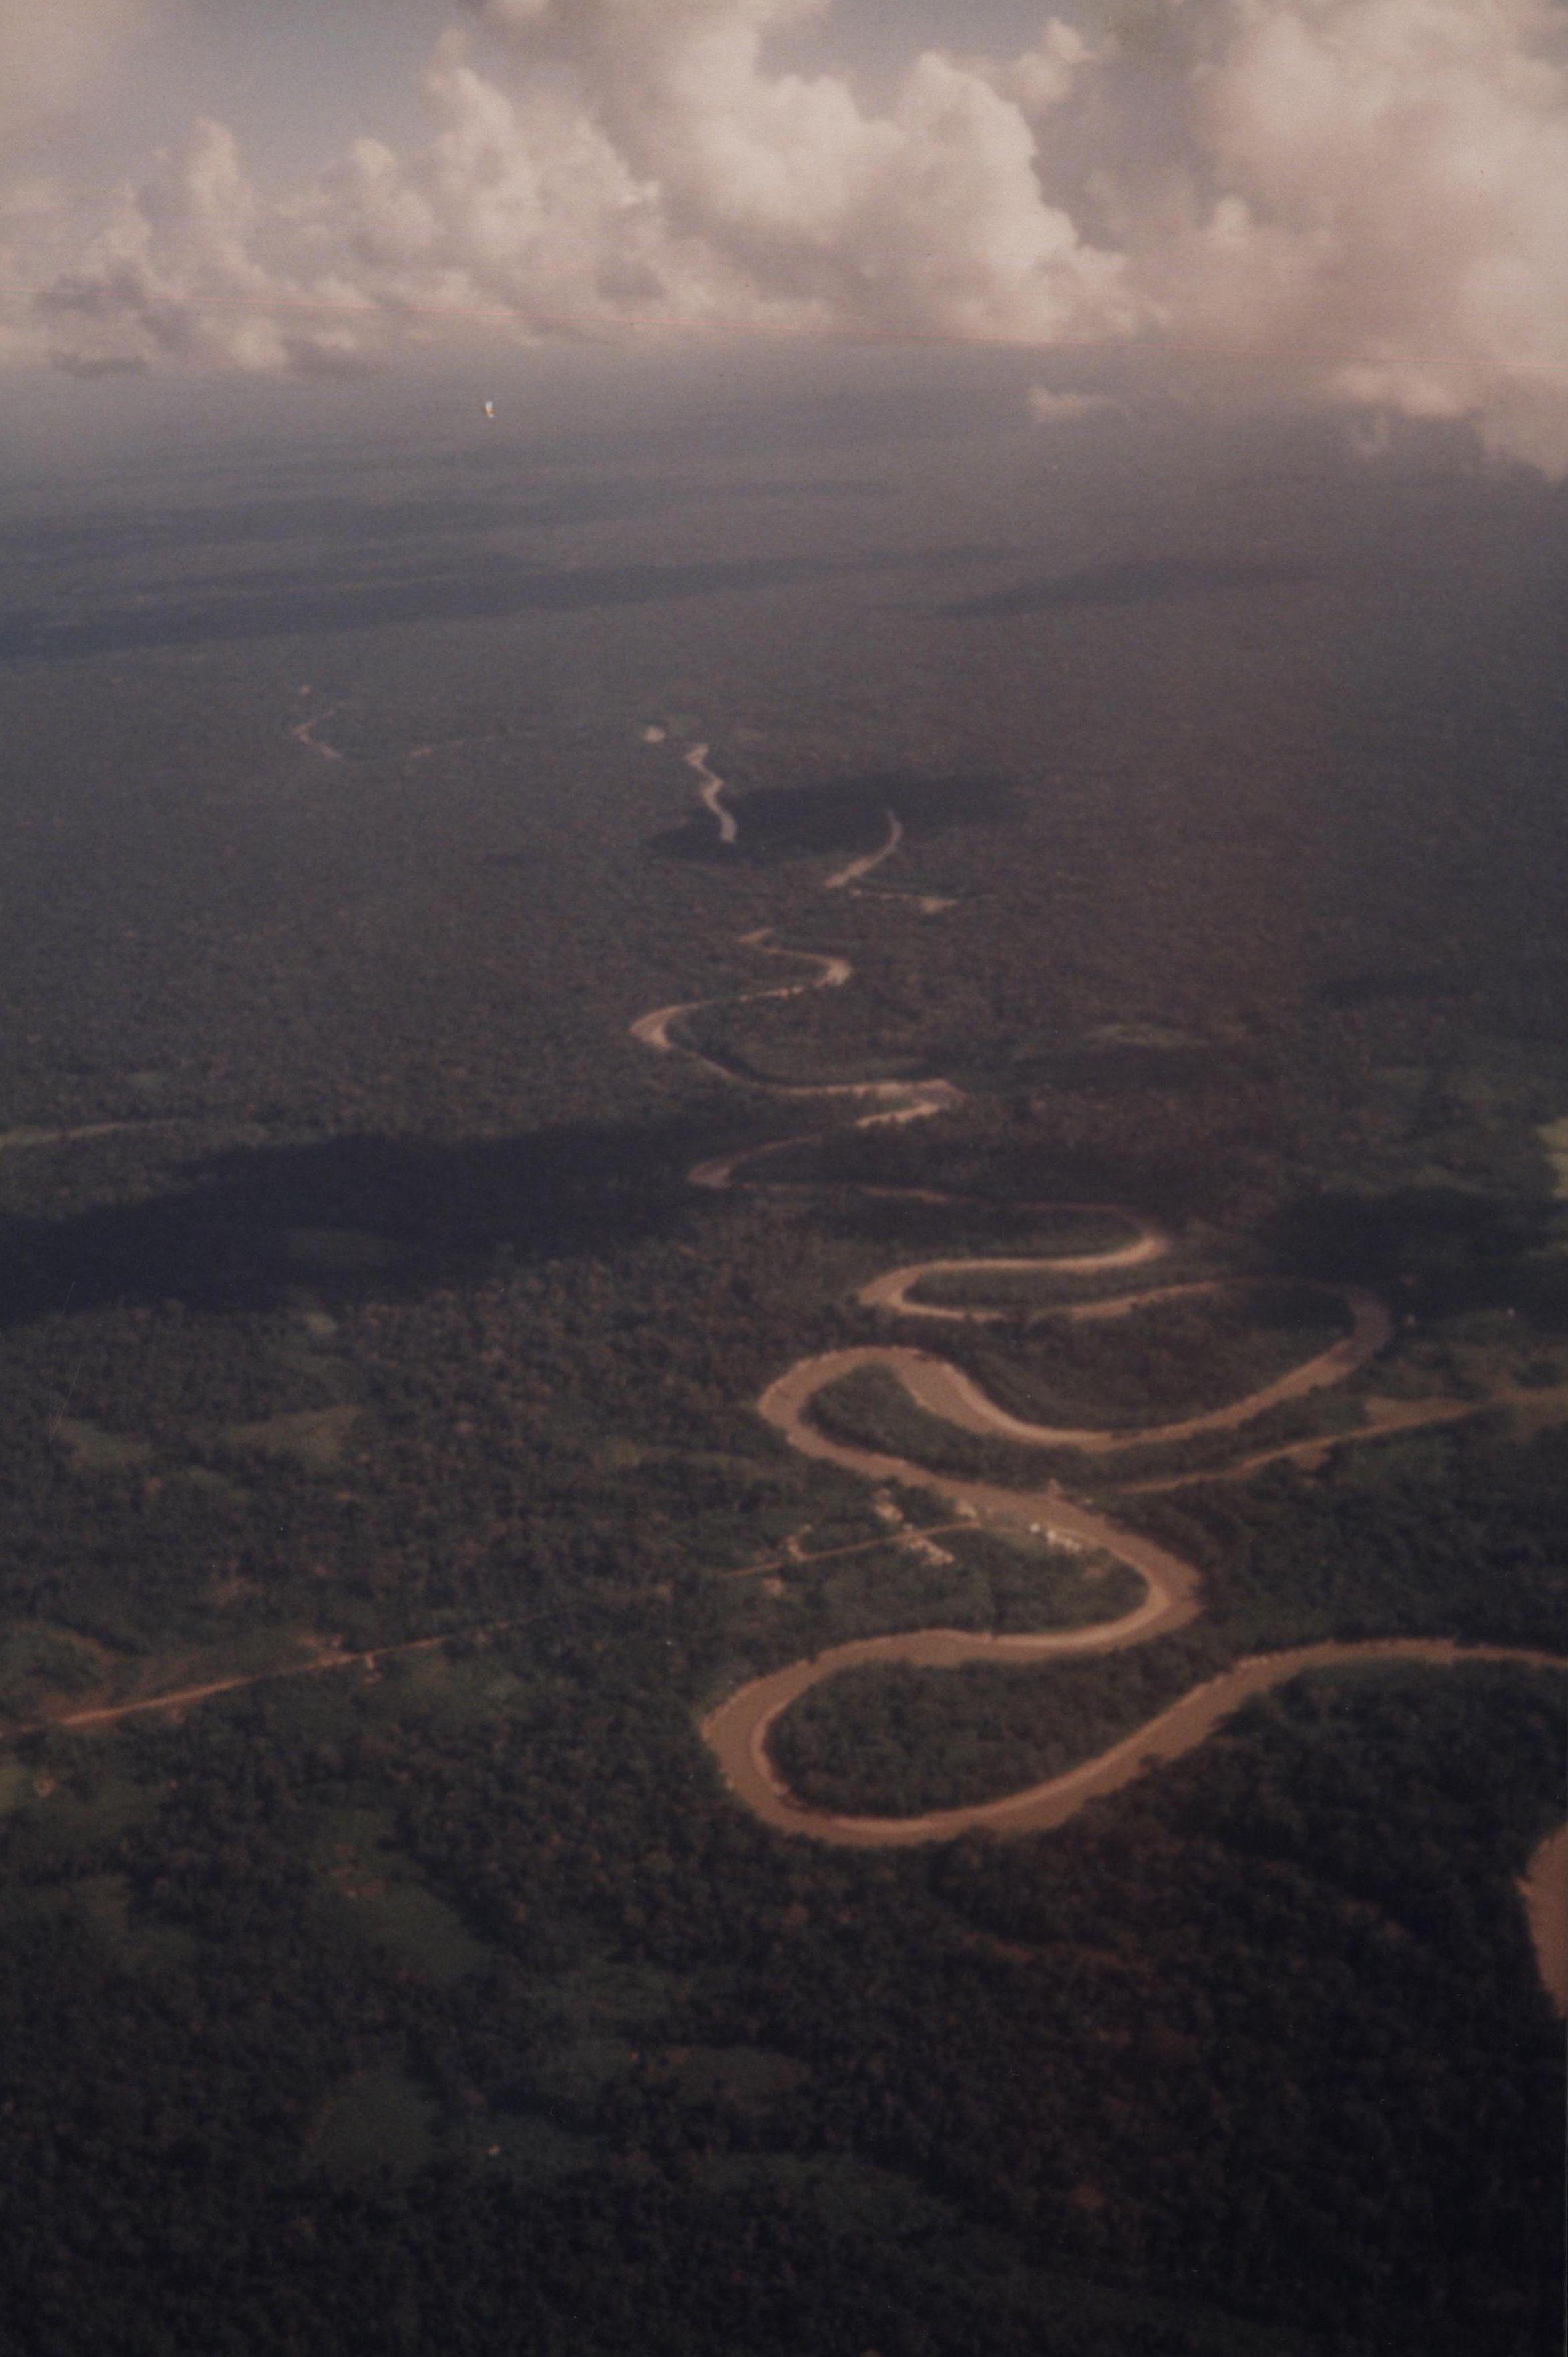 Imagem aérea - A caminho das aldeias indígenas